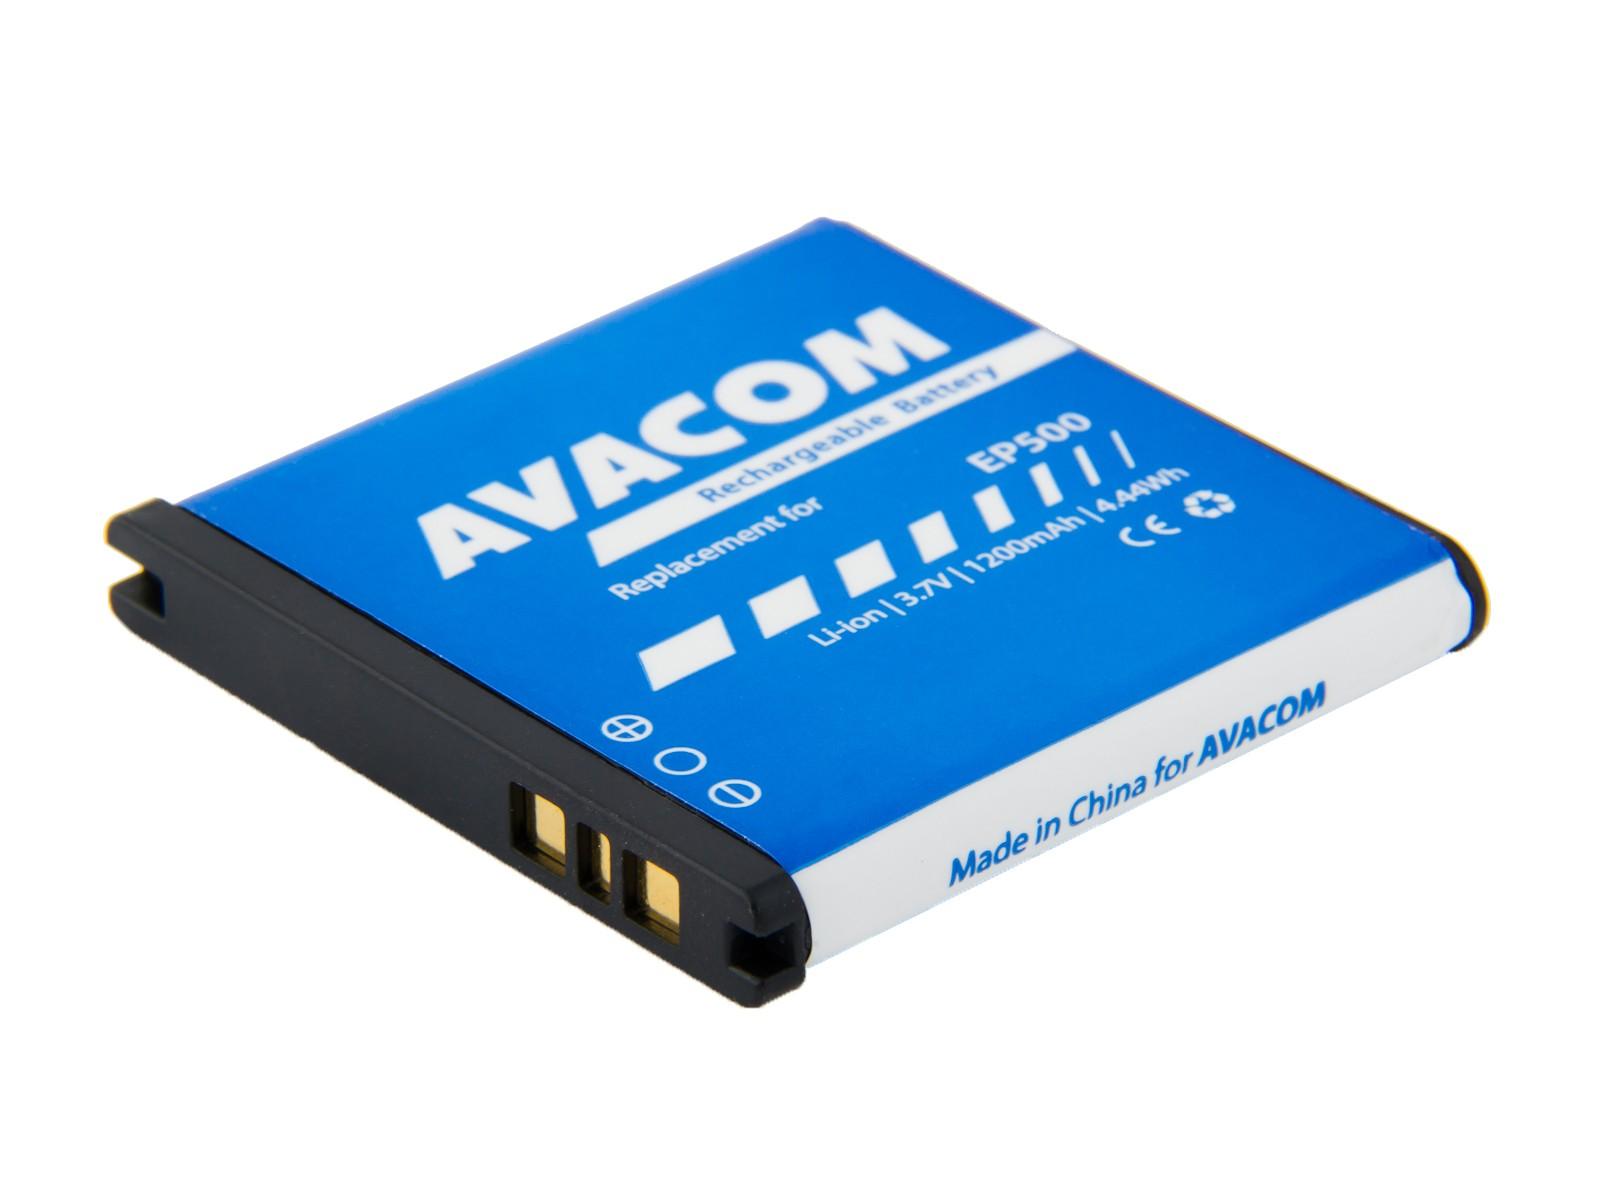 Náhradní baterie AVACOM Baterie do mobilu Sony Ericsson Xperia mini Li-pol 3,7V 1200mAh, (náhrada EP500)